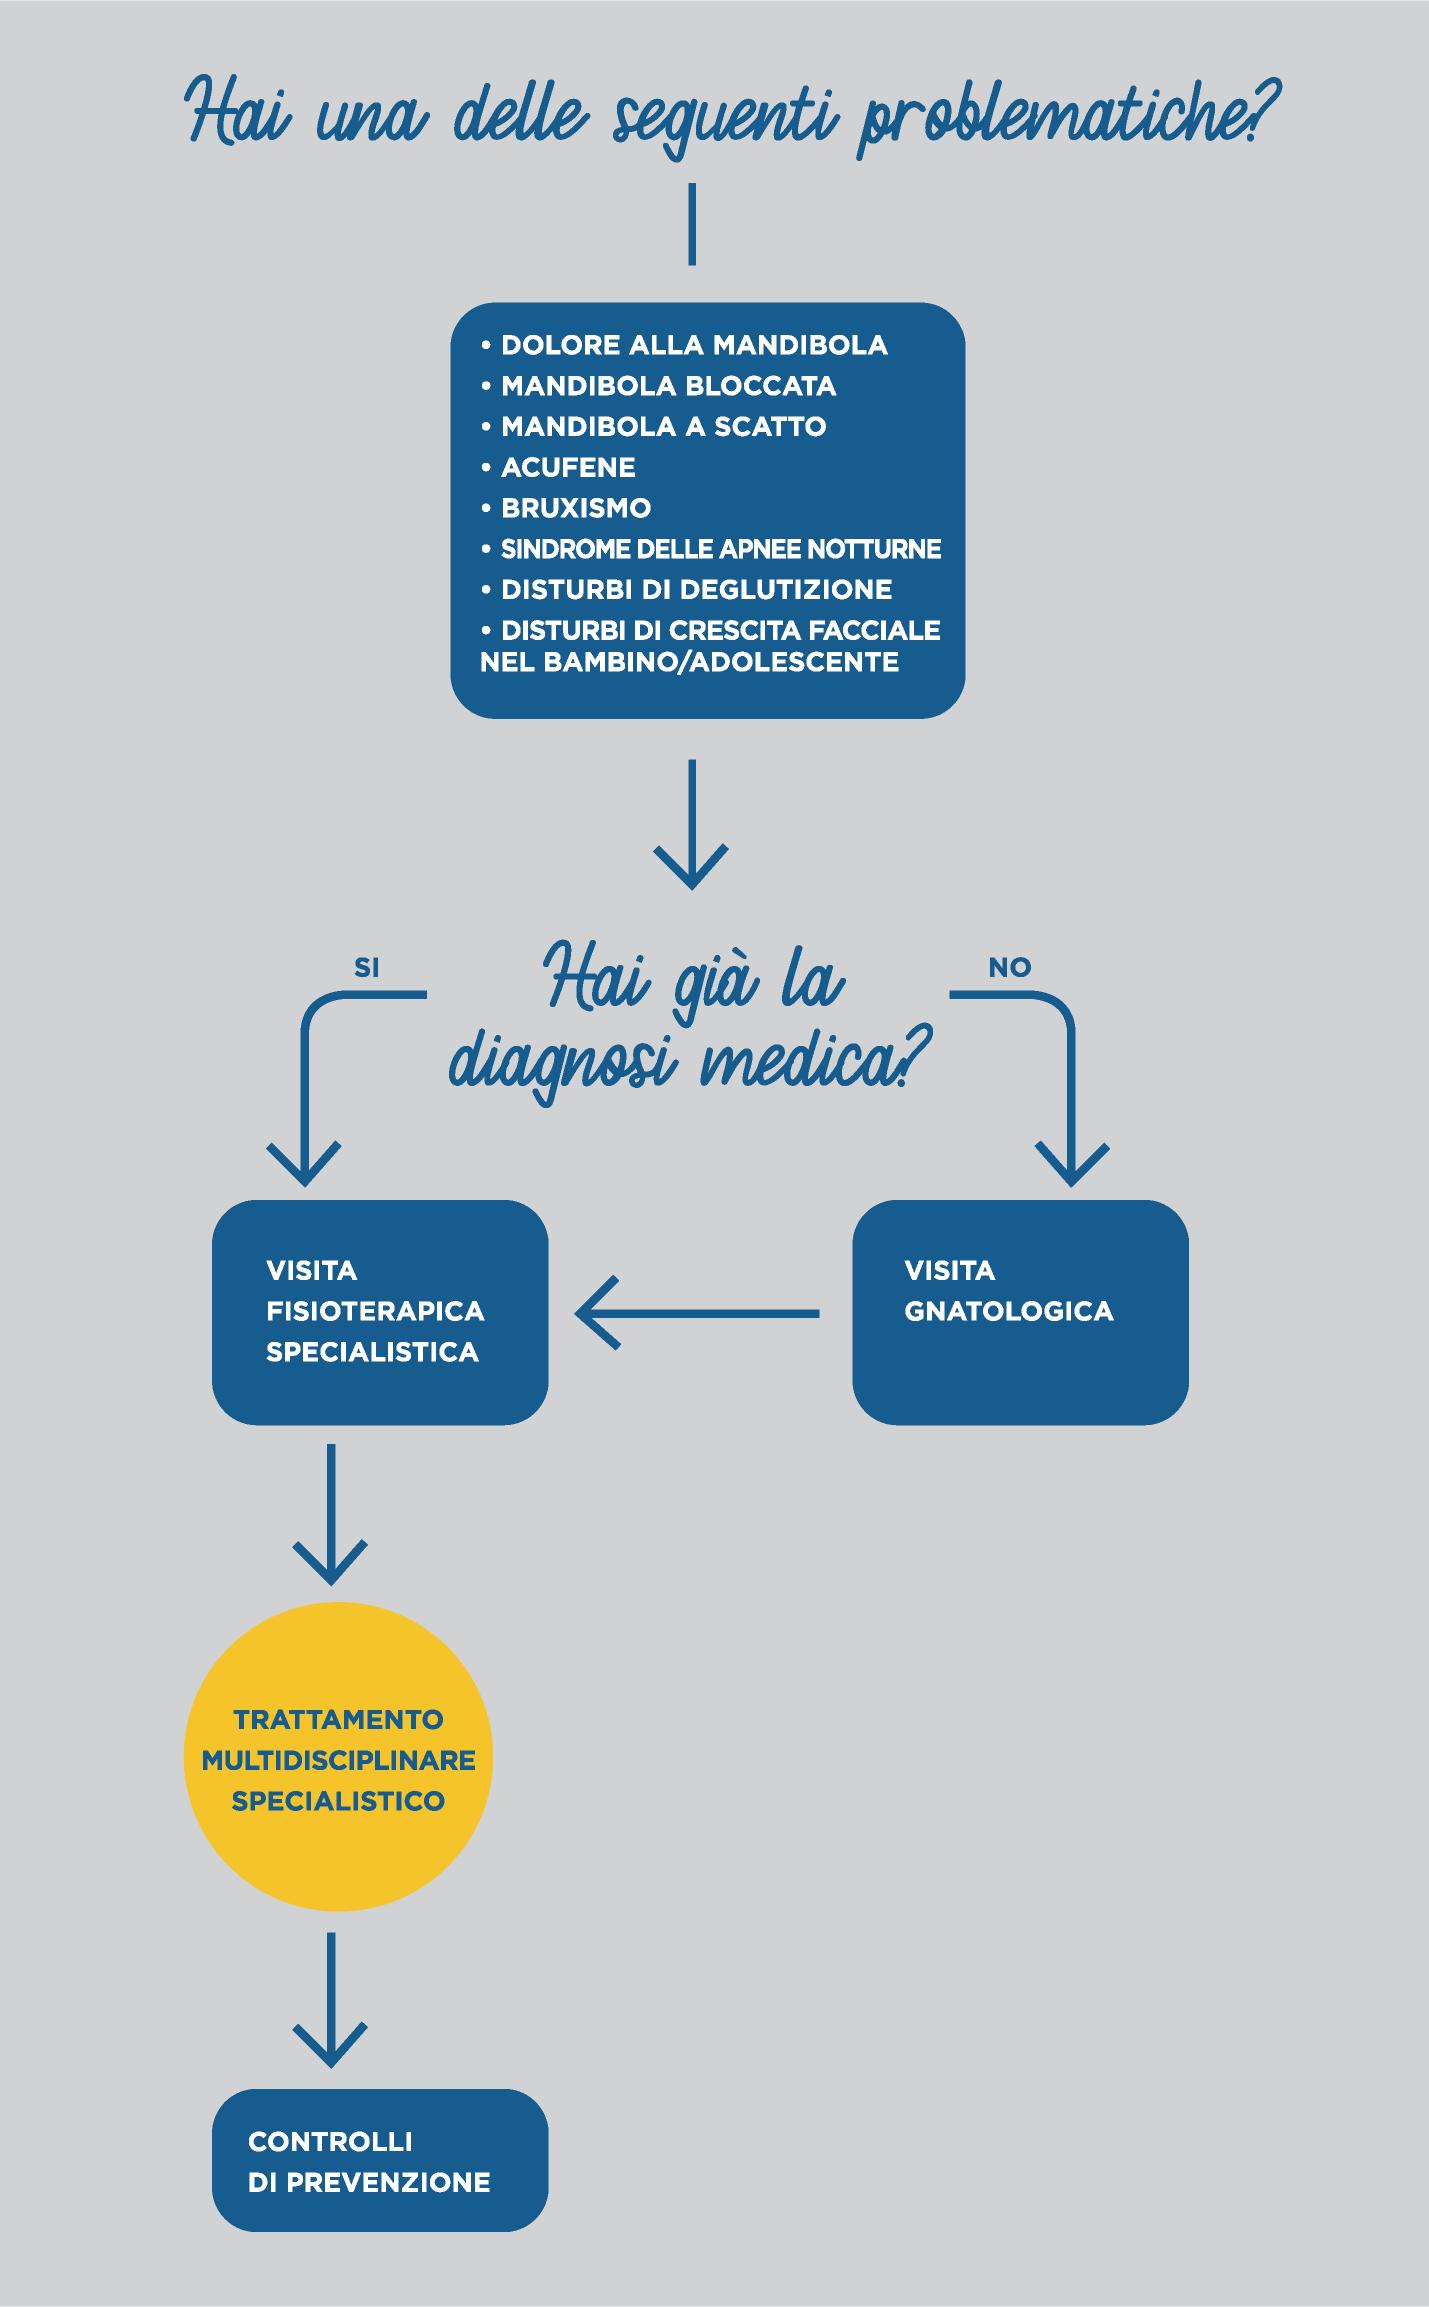 diagramma fisiooterapia mandibola e sistema masticatorio | Centro Fisioterapico Specialistico Target Saronno